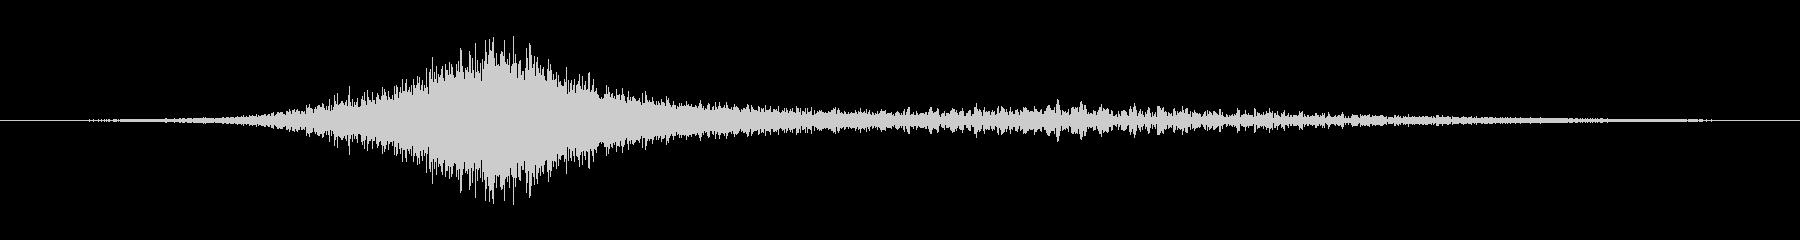 オーバーヘッドパスの未再生の波形